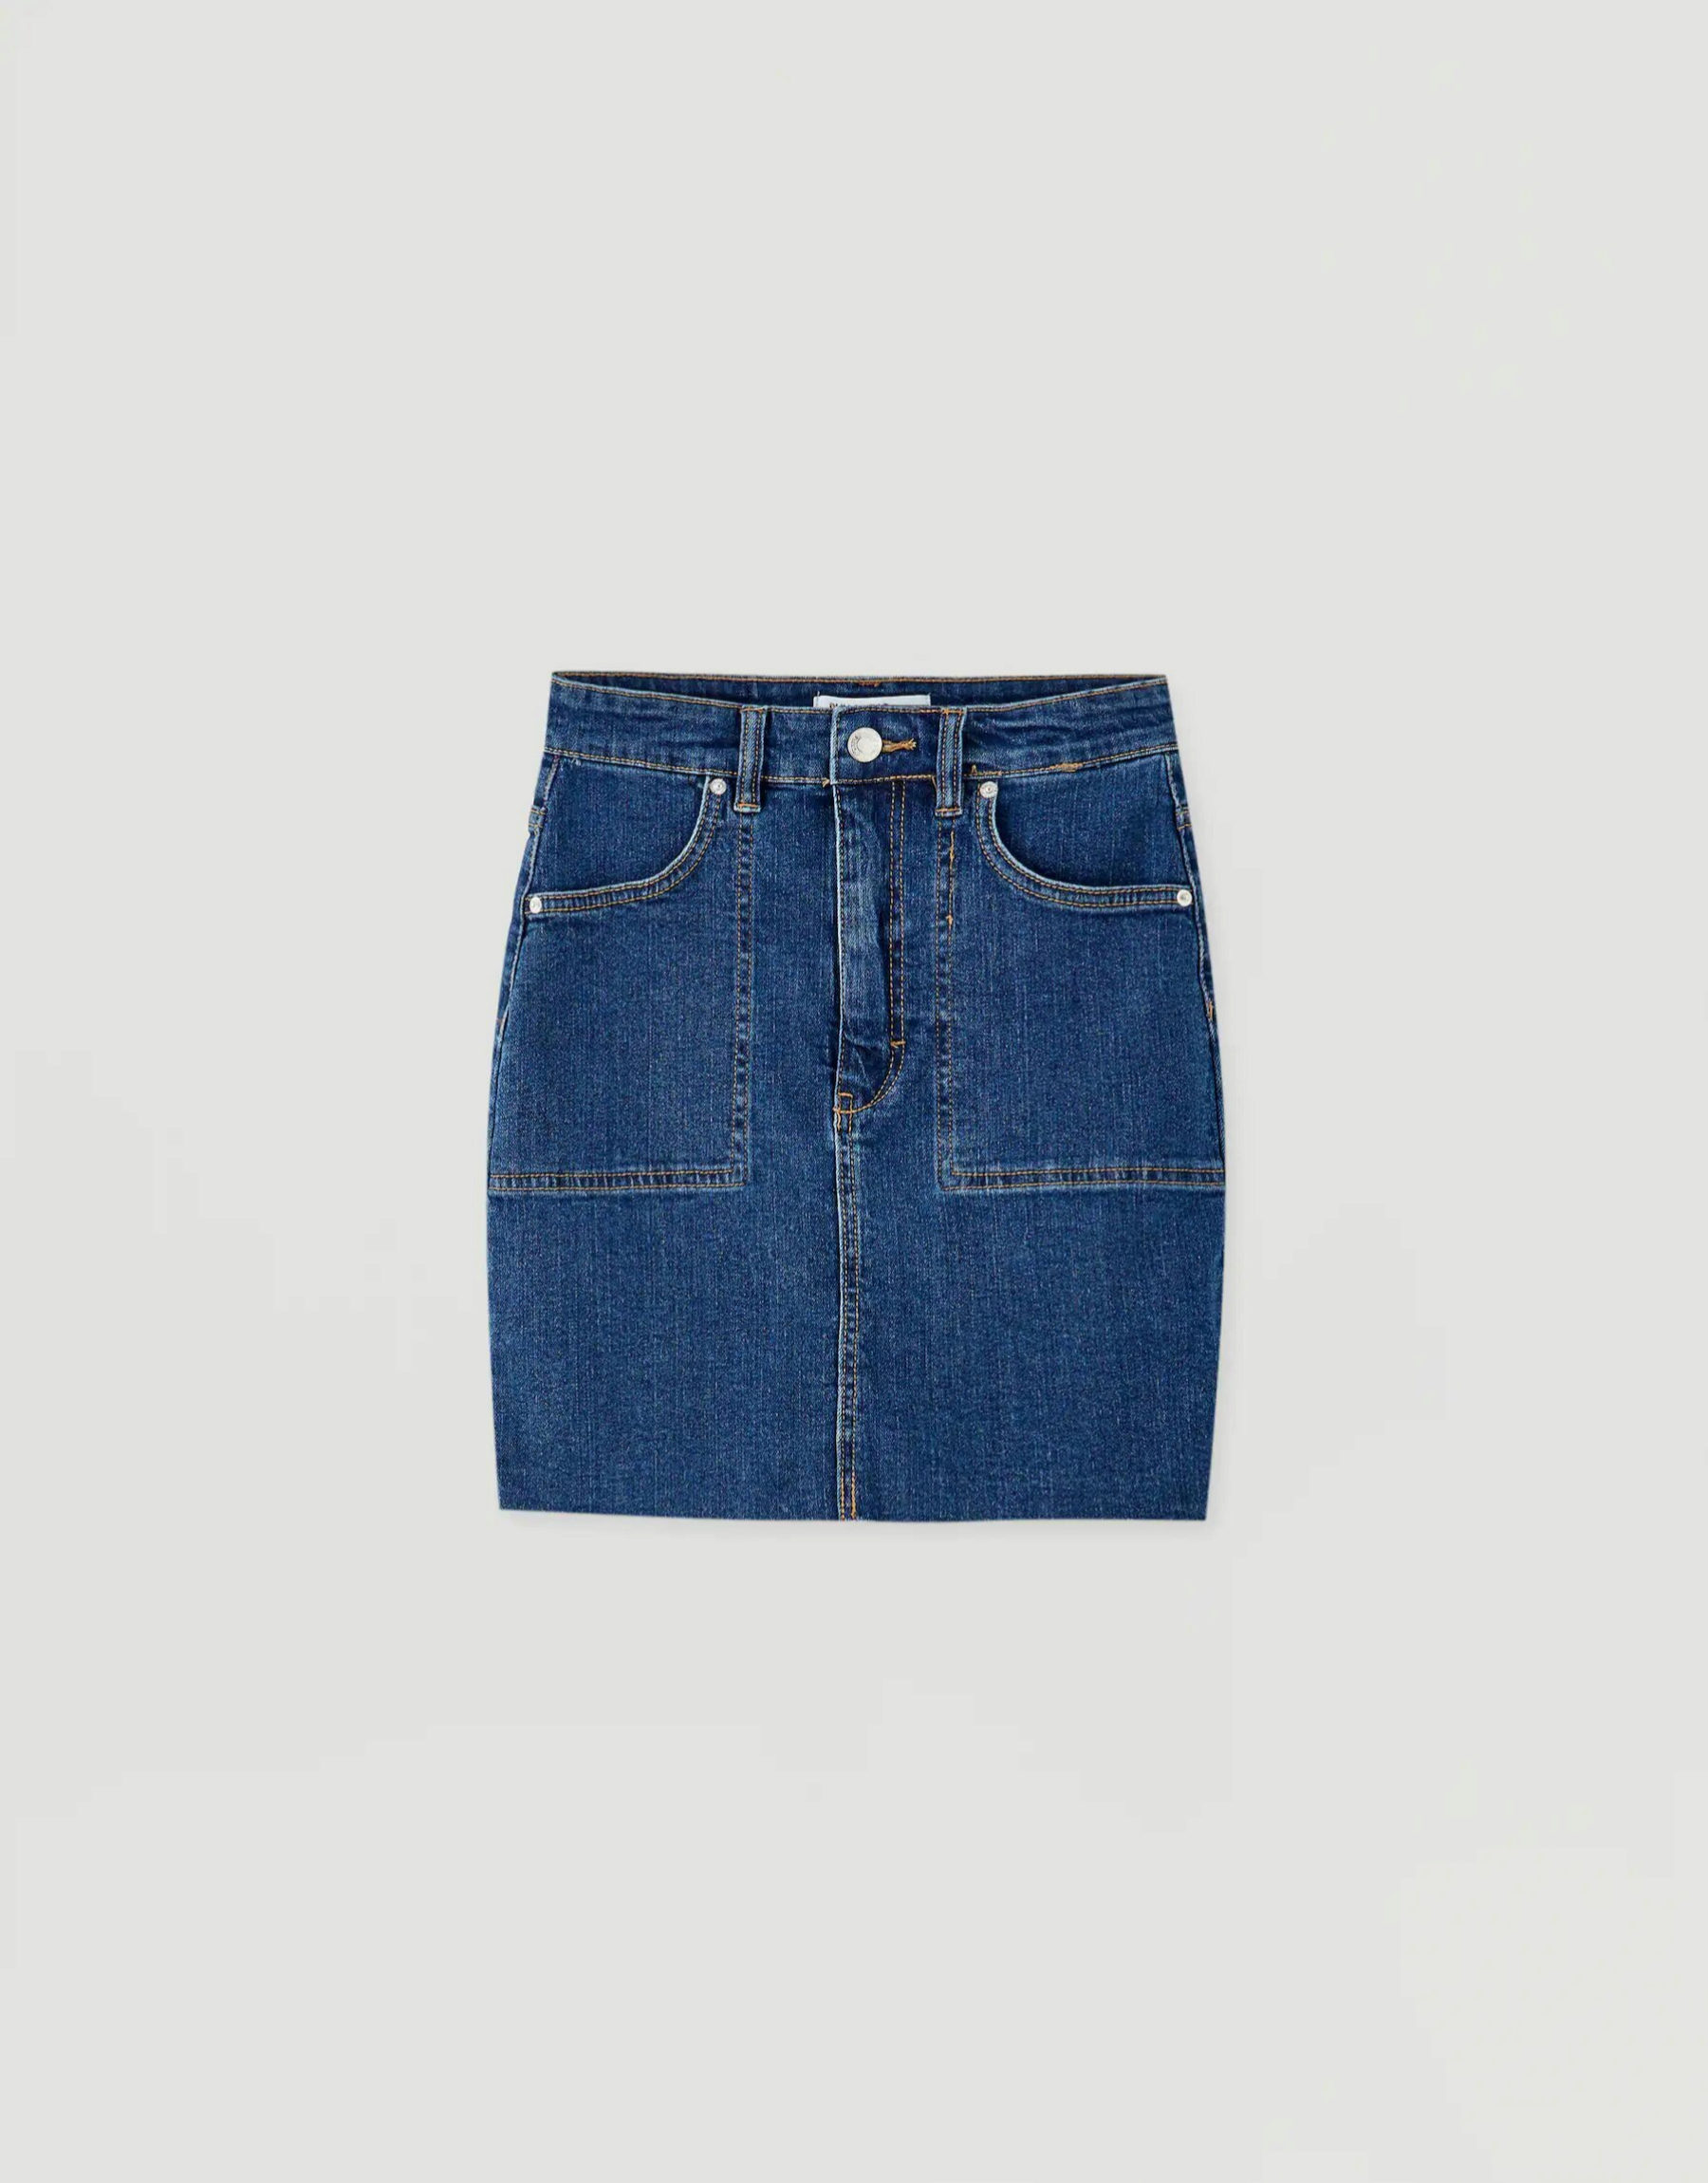 Mini falda denim de Pull & Bear